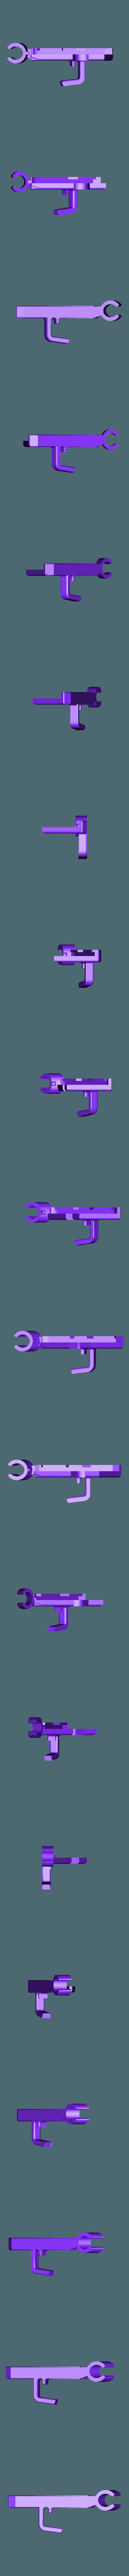 CR10FilamentGuidCableHanger_by_cyborg.stl Download free STL file Un autre guide de filament pour la CR-10 de l'extrudeuse • 3D printable model, Cyborg